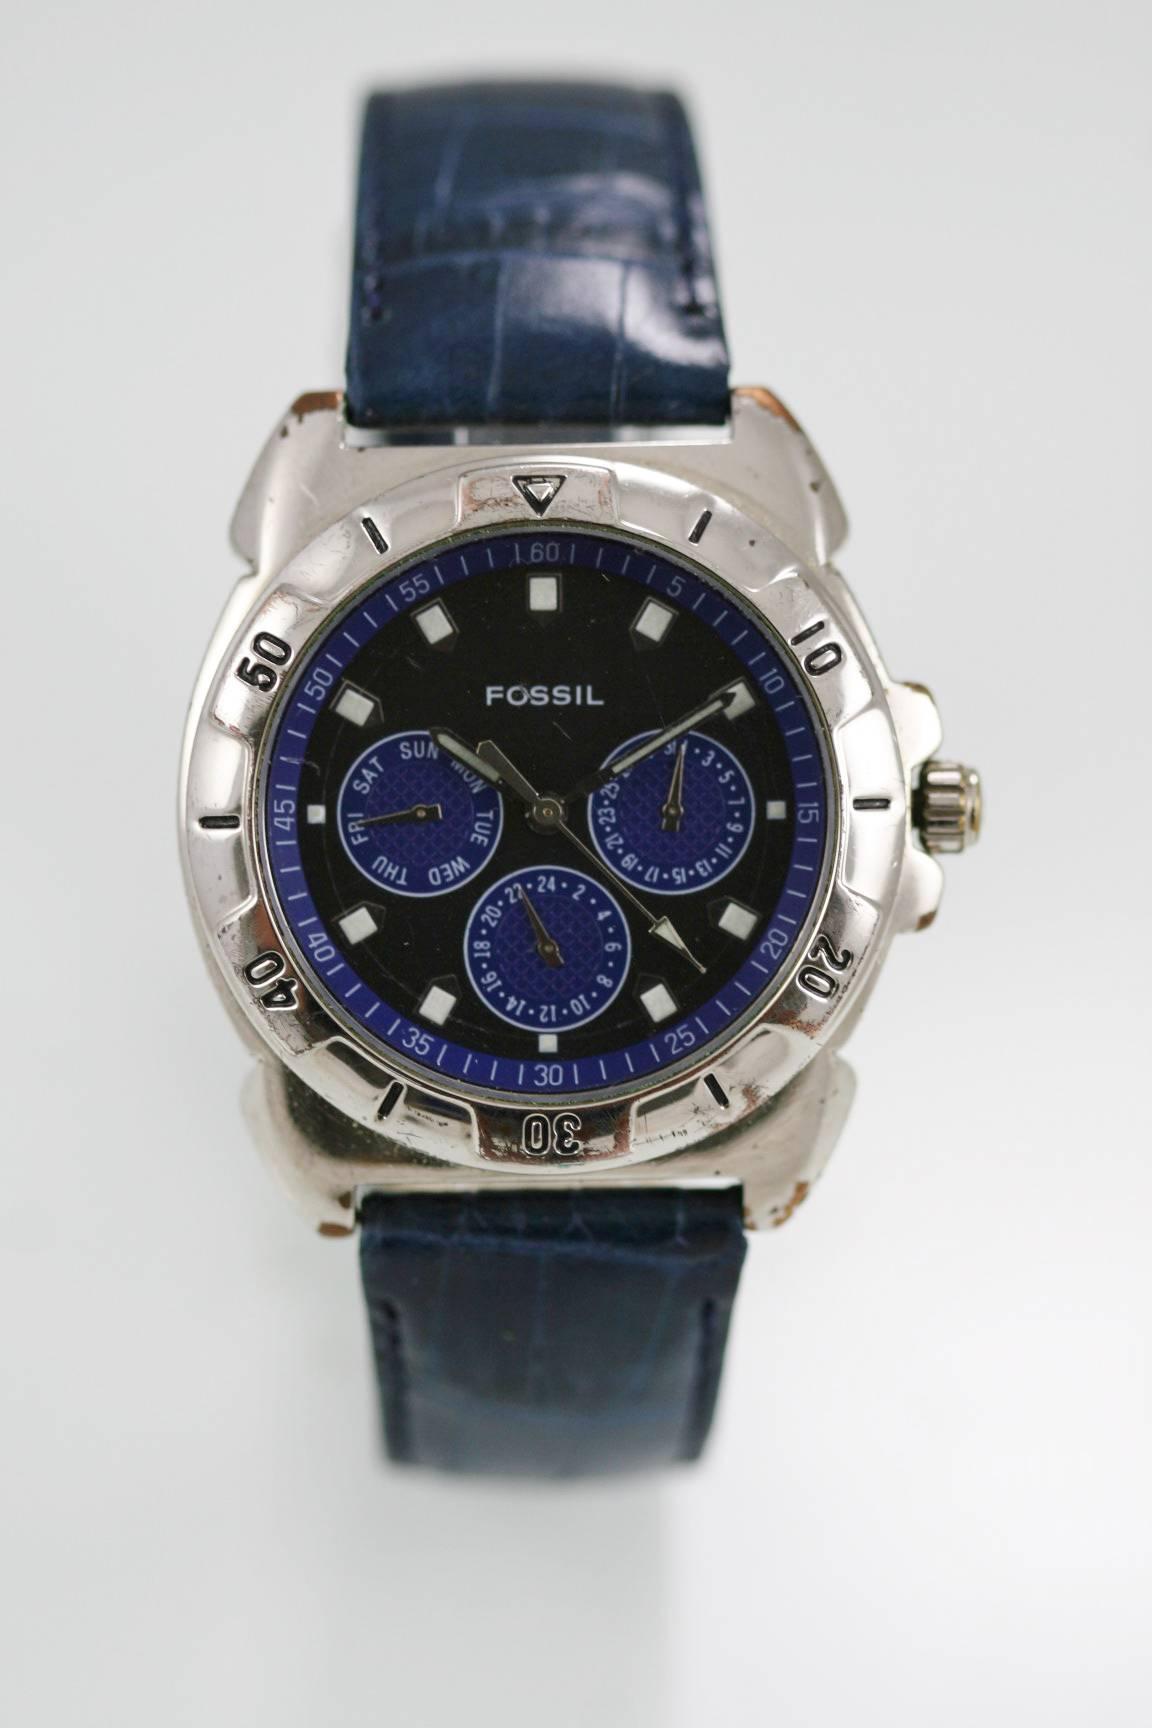 8703e04c2ee4 Detalles acerca de Fossil Reloj De Hombre Día Fecha 24hr Acero Inoxidable  Gris Plata 30m Azul Cuero Cuarzo- mostrar título original